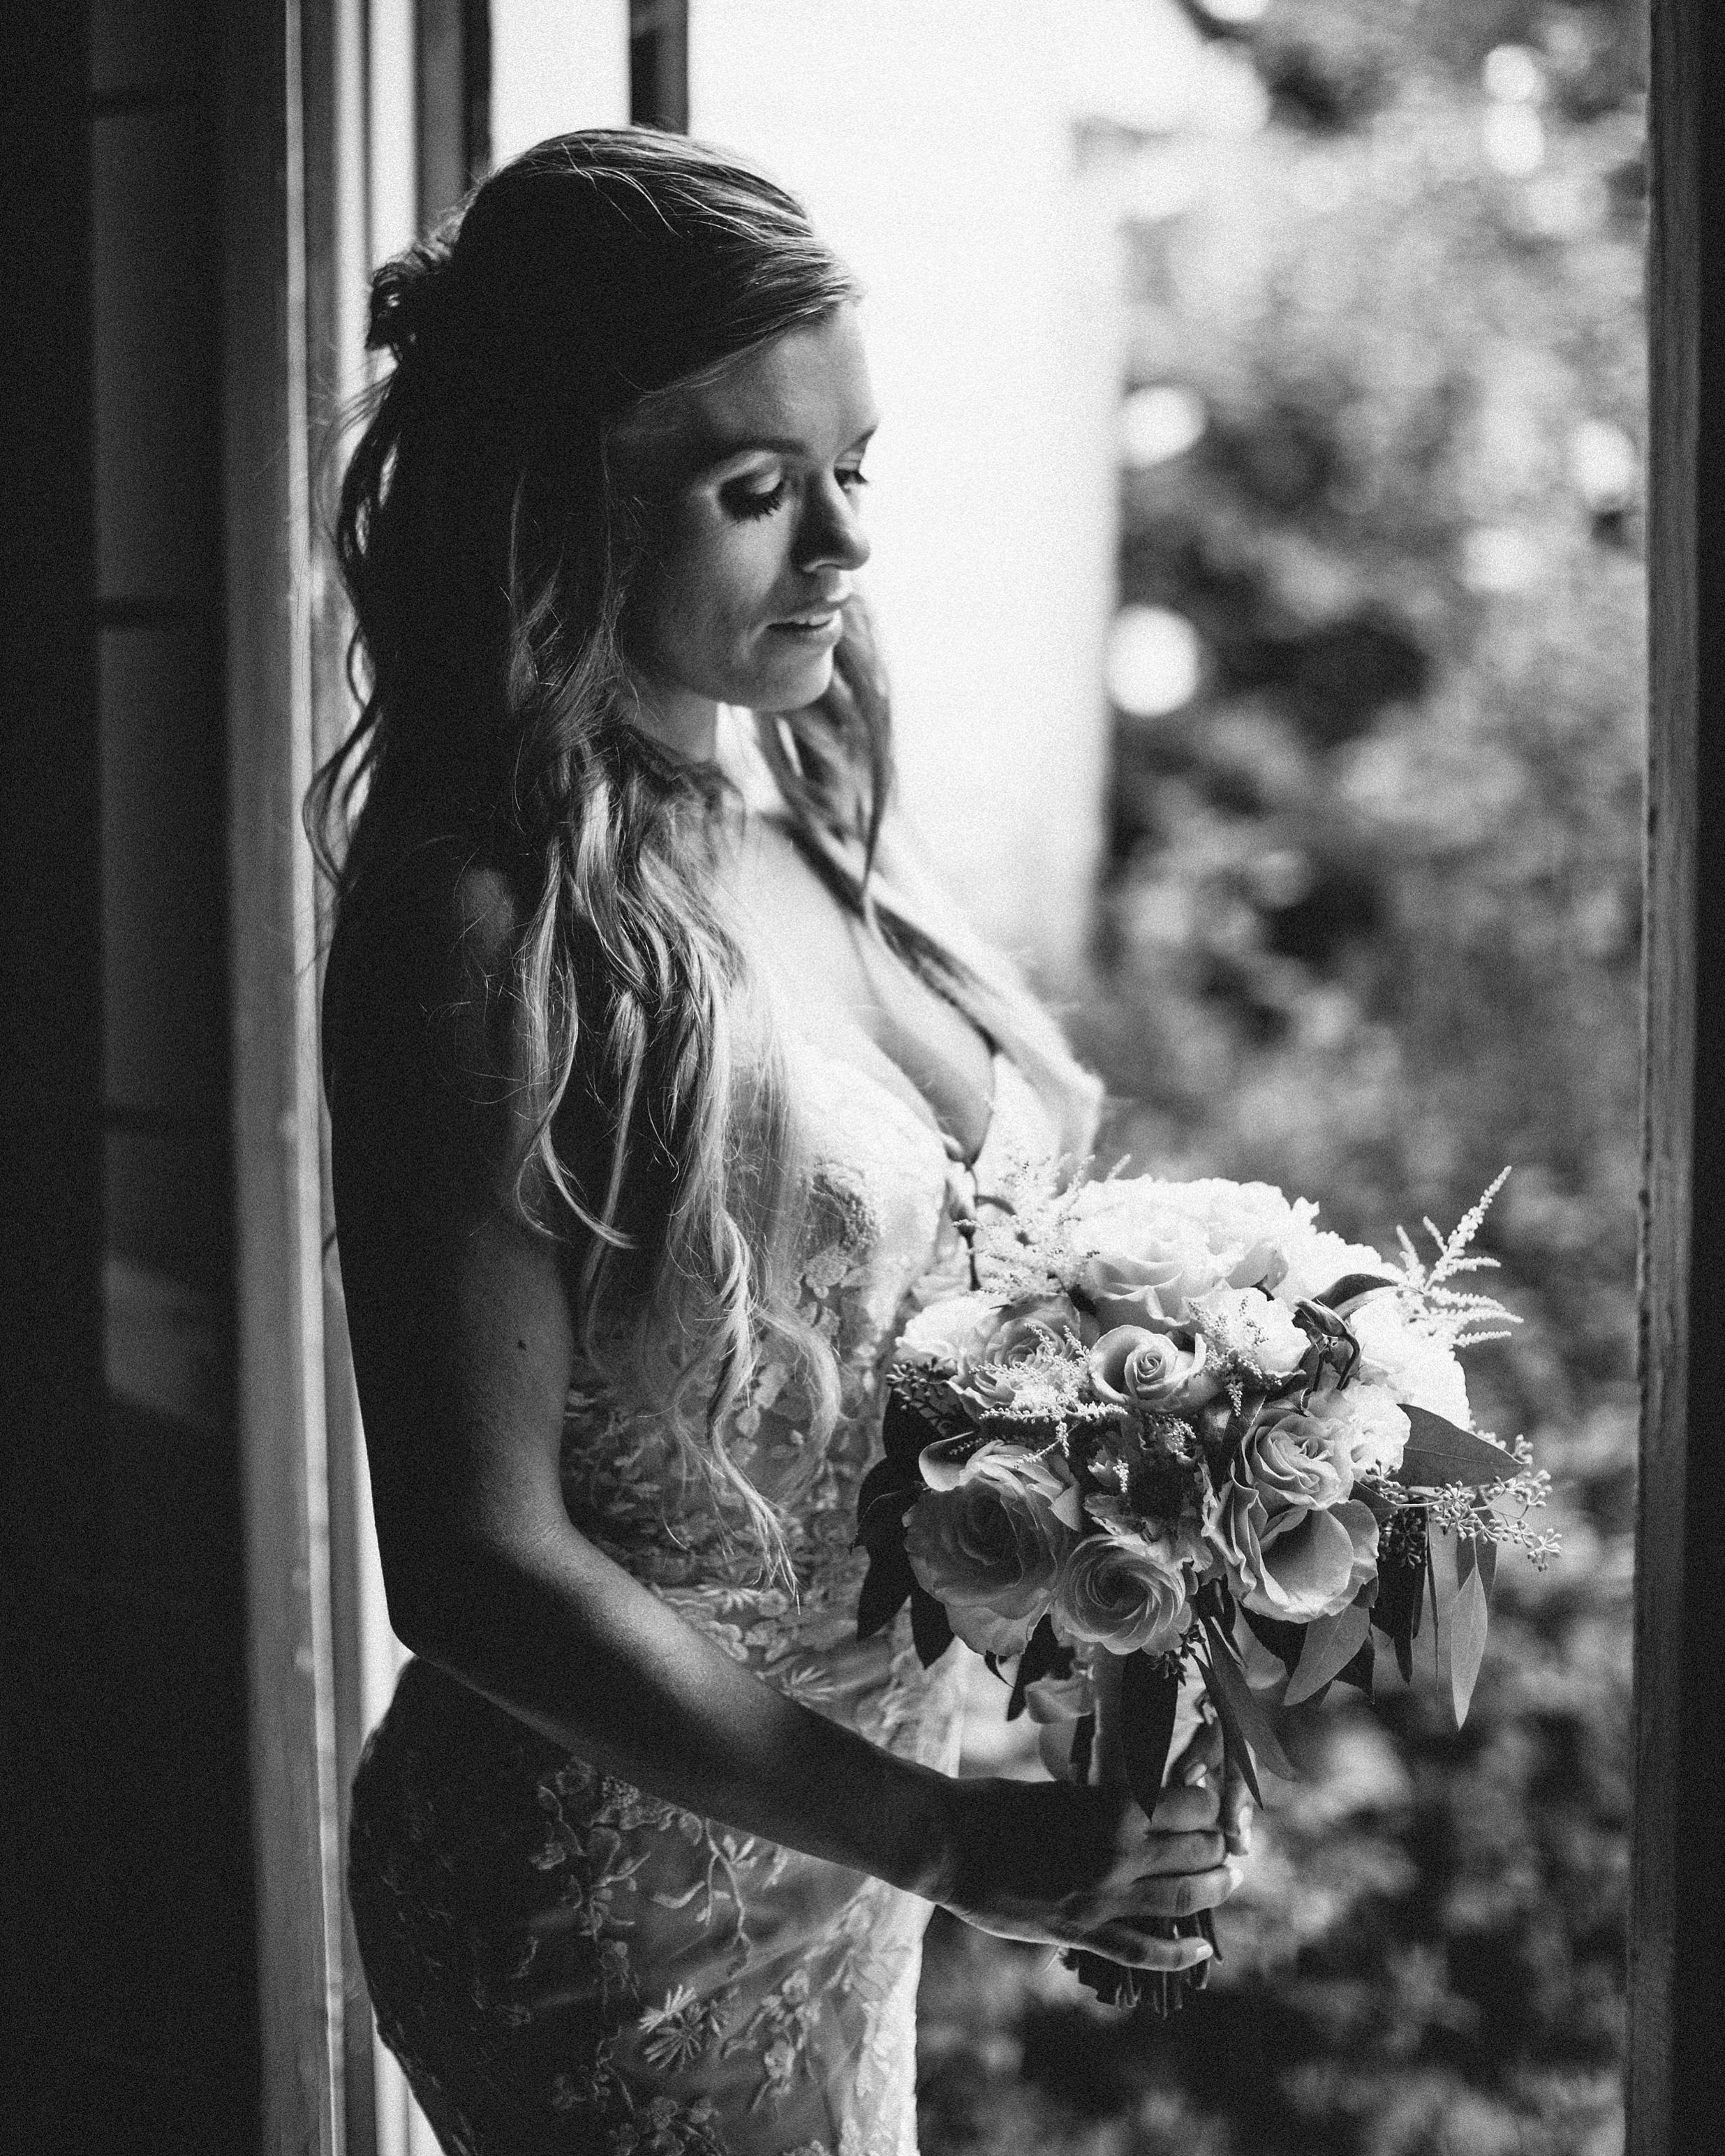 jersey-outdoor-ceremony-wedding-navasink-monmouth-rumson_0080.jpg